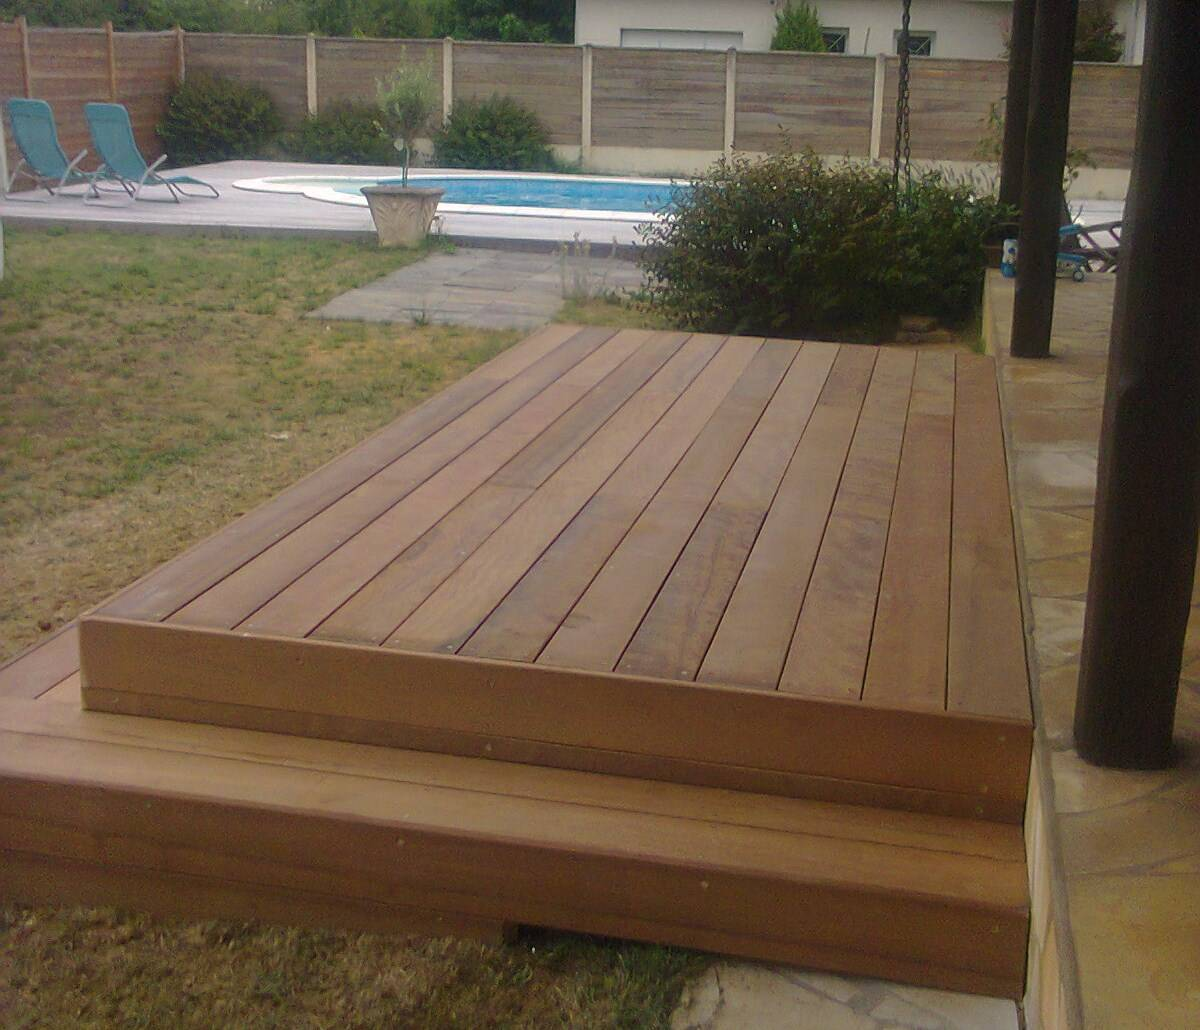 terrasse piscine bois entretien. Black Bedroom Furniture Sets. Home Design Ideas